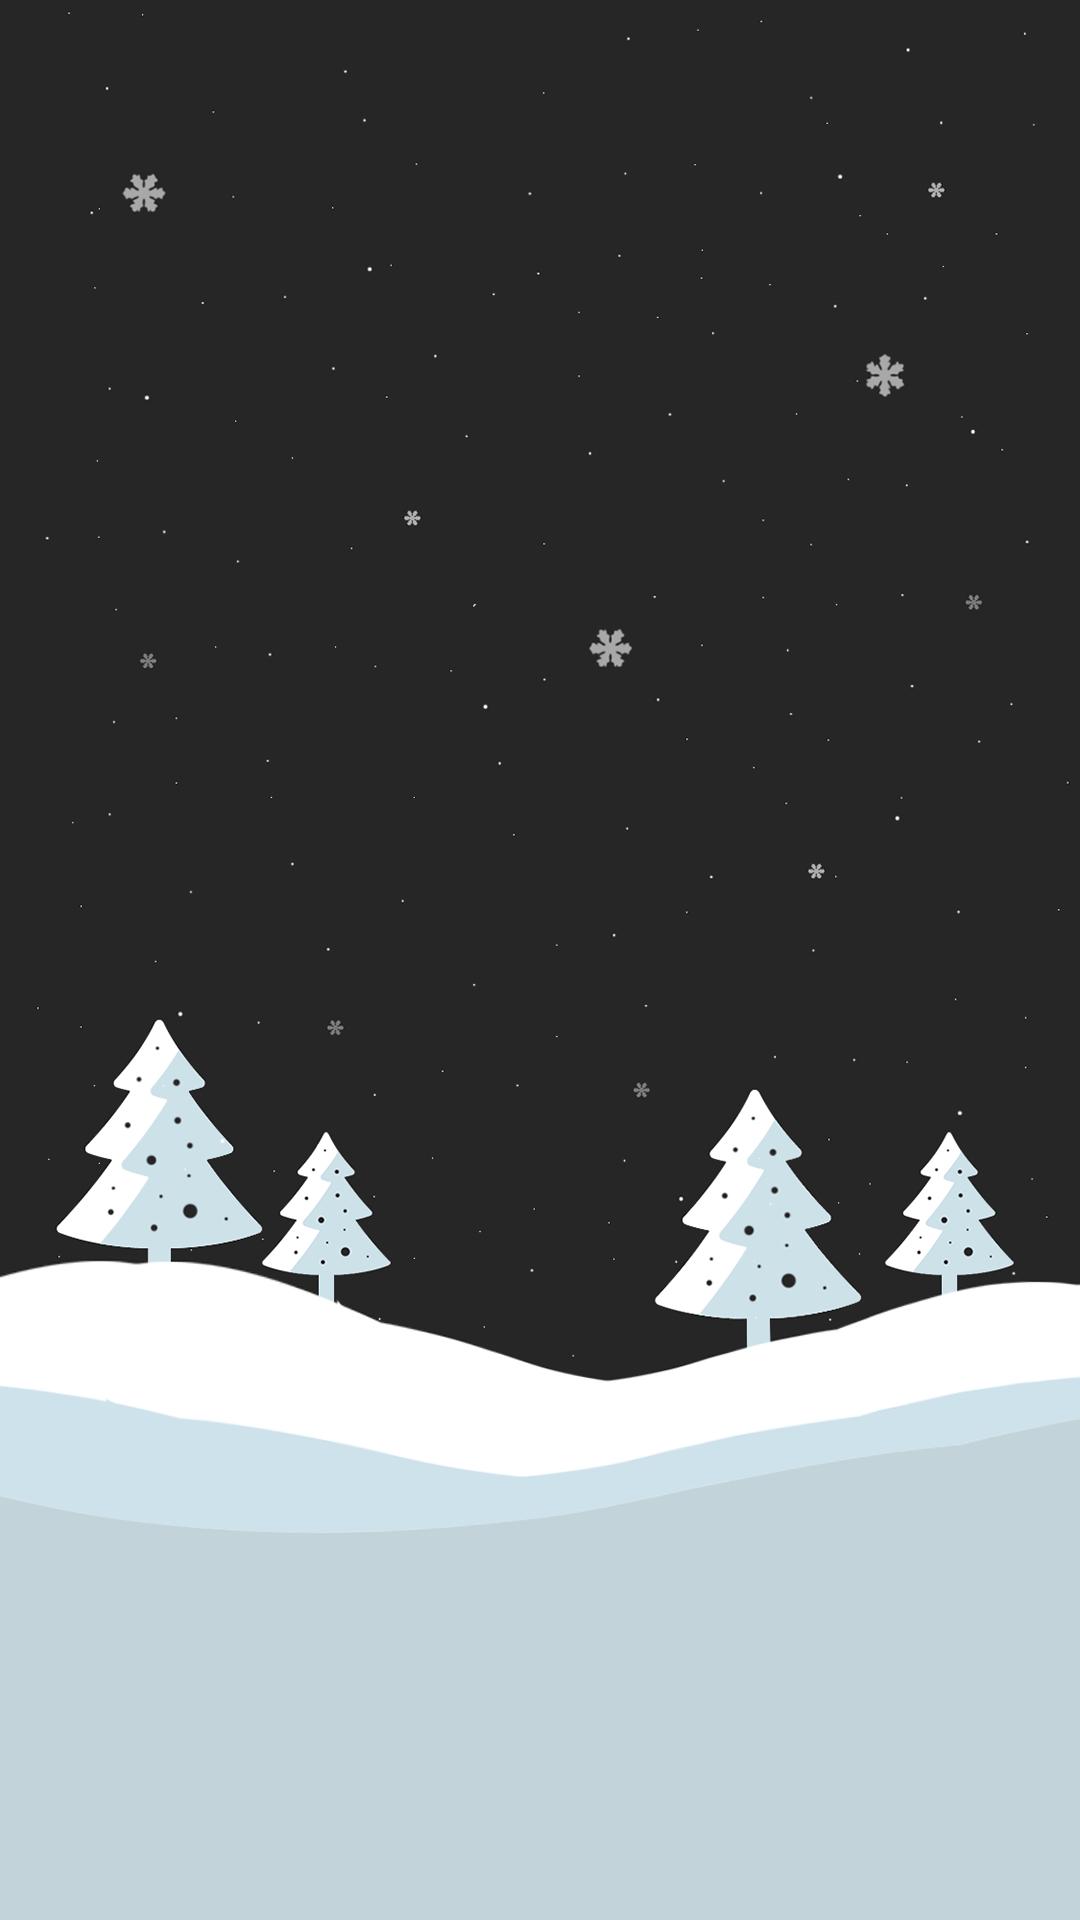 クリスマス 冬 のシンプルなiphone用壁紙 9枚 噂のapple